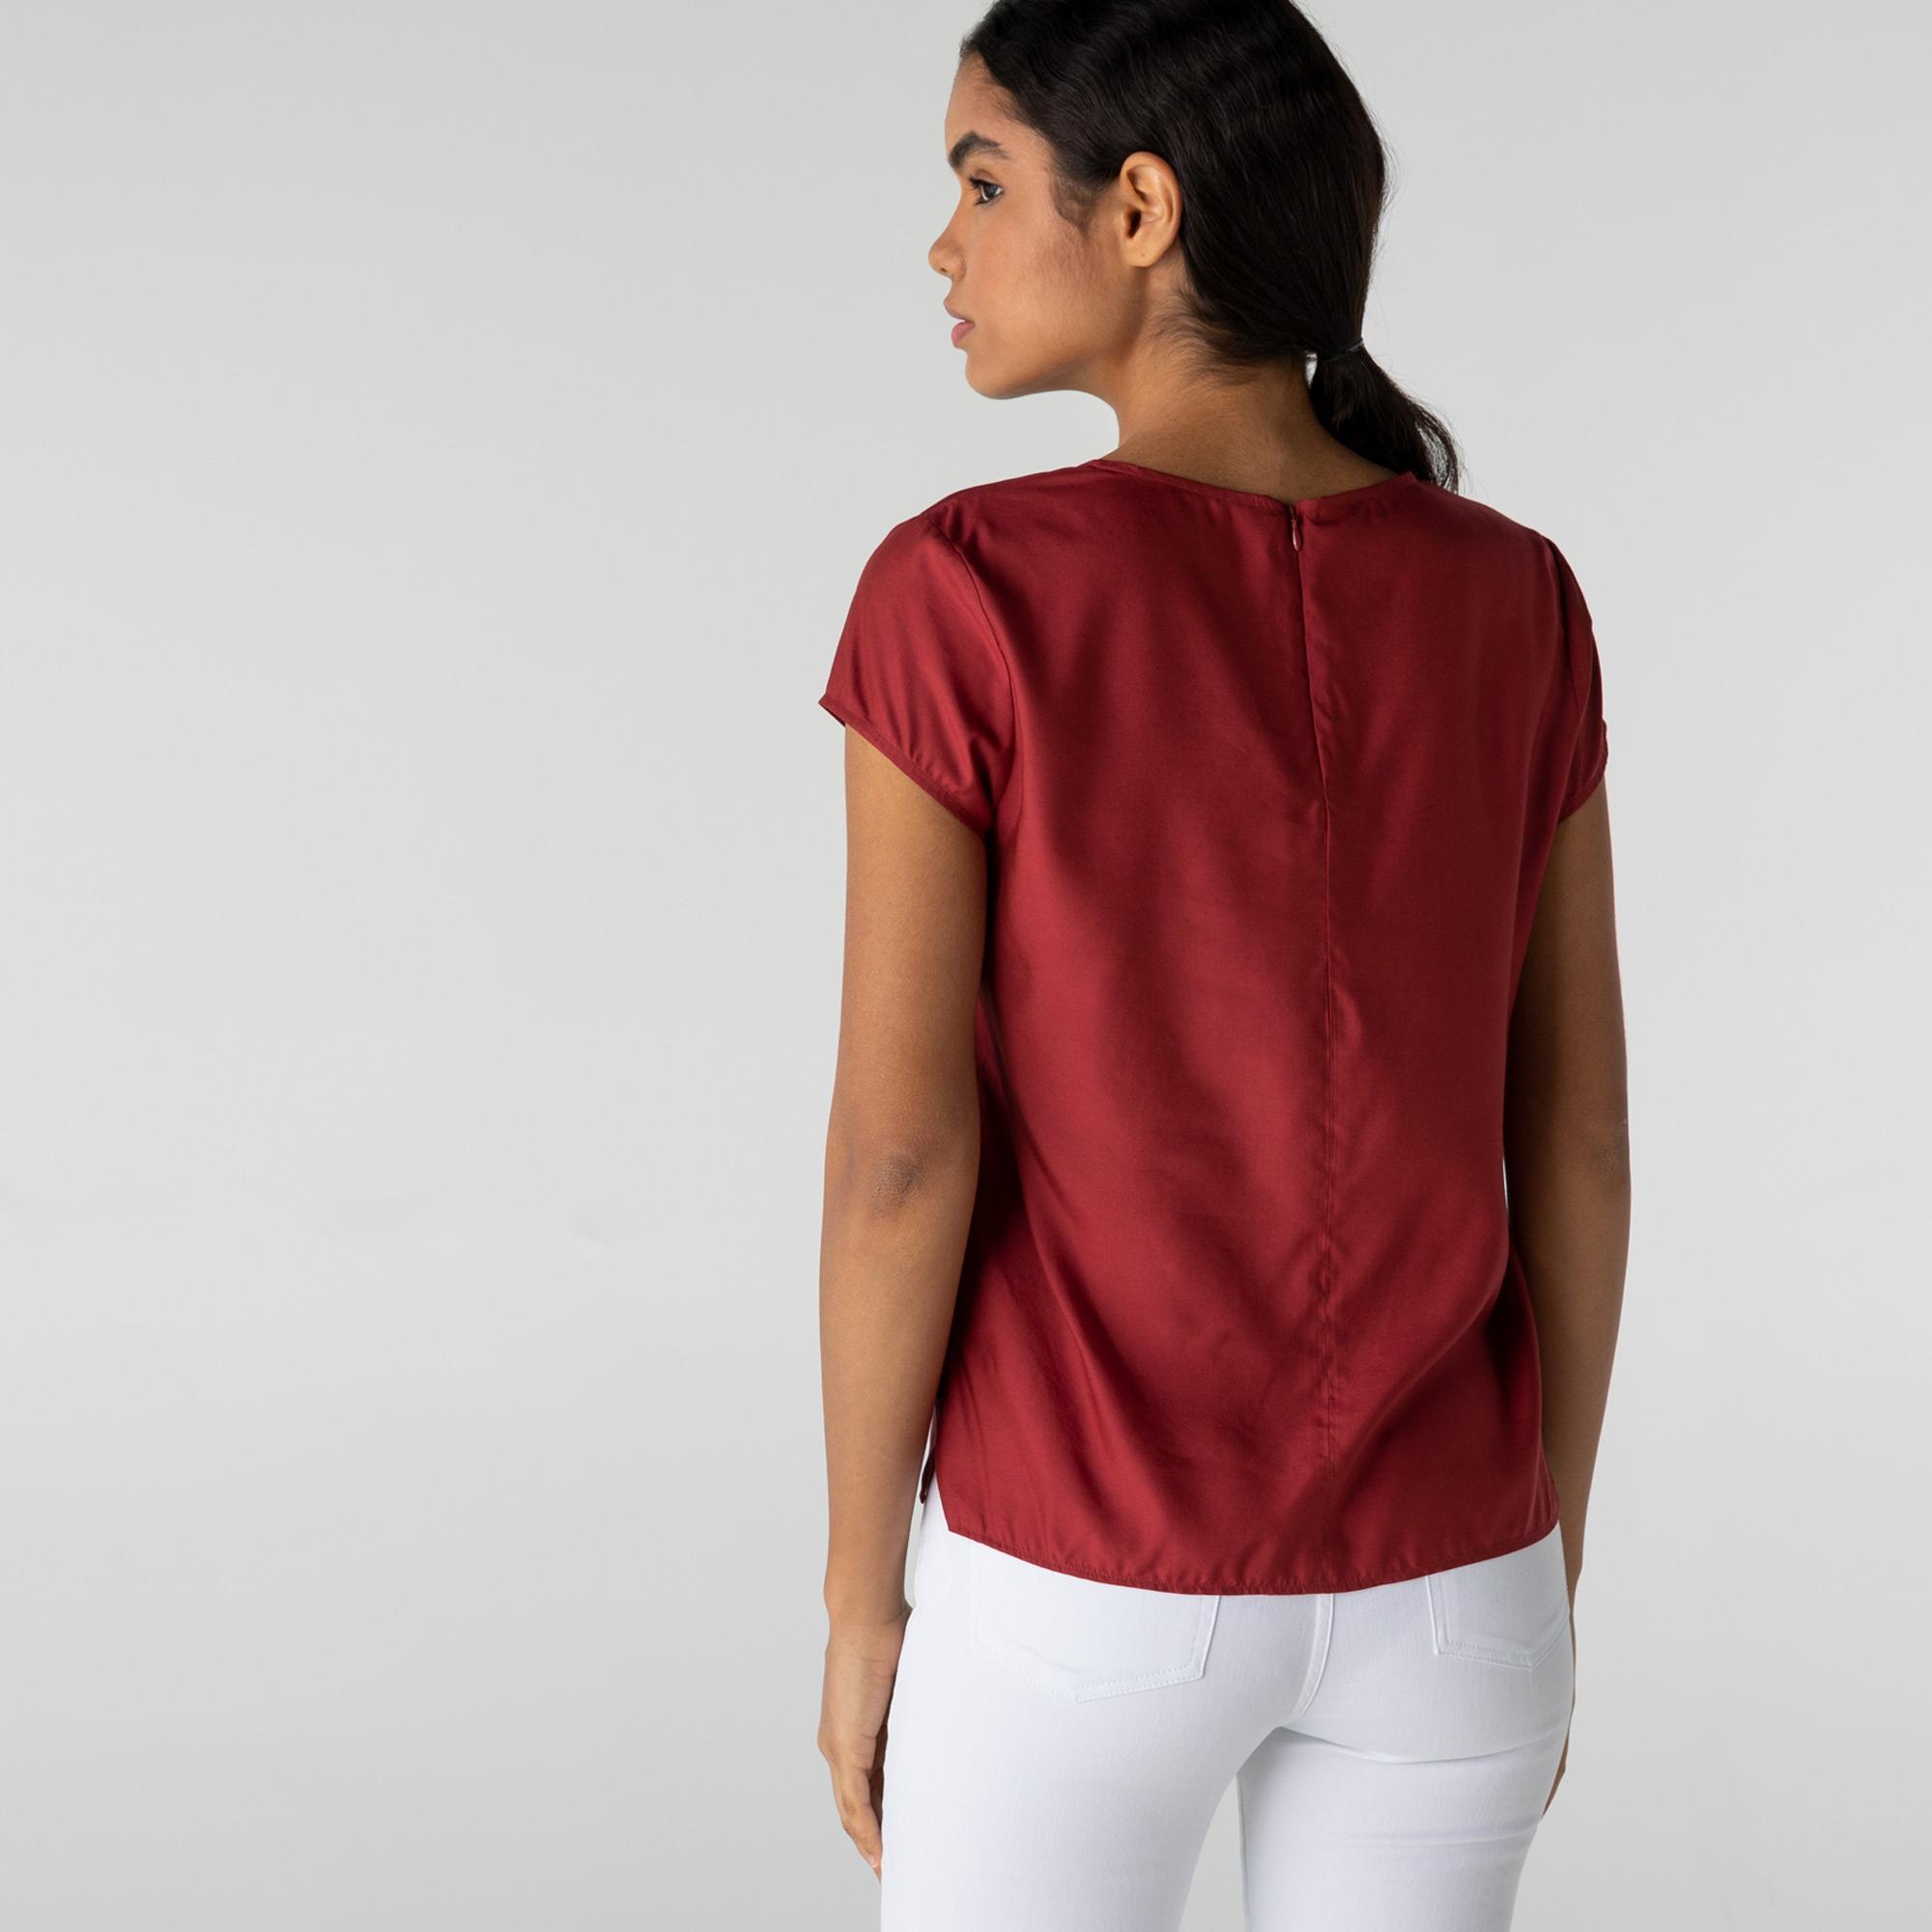 Lacoste Kadın Kısa Kollu V Yaka Bordo Bluz